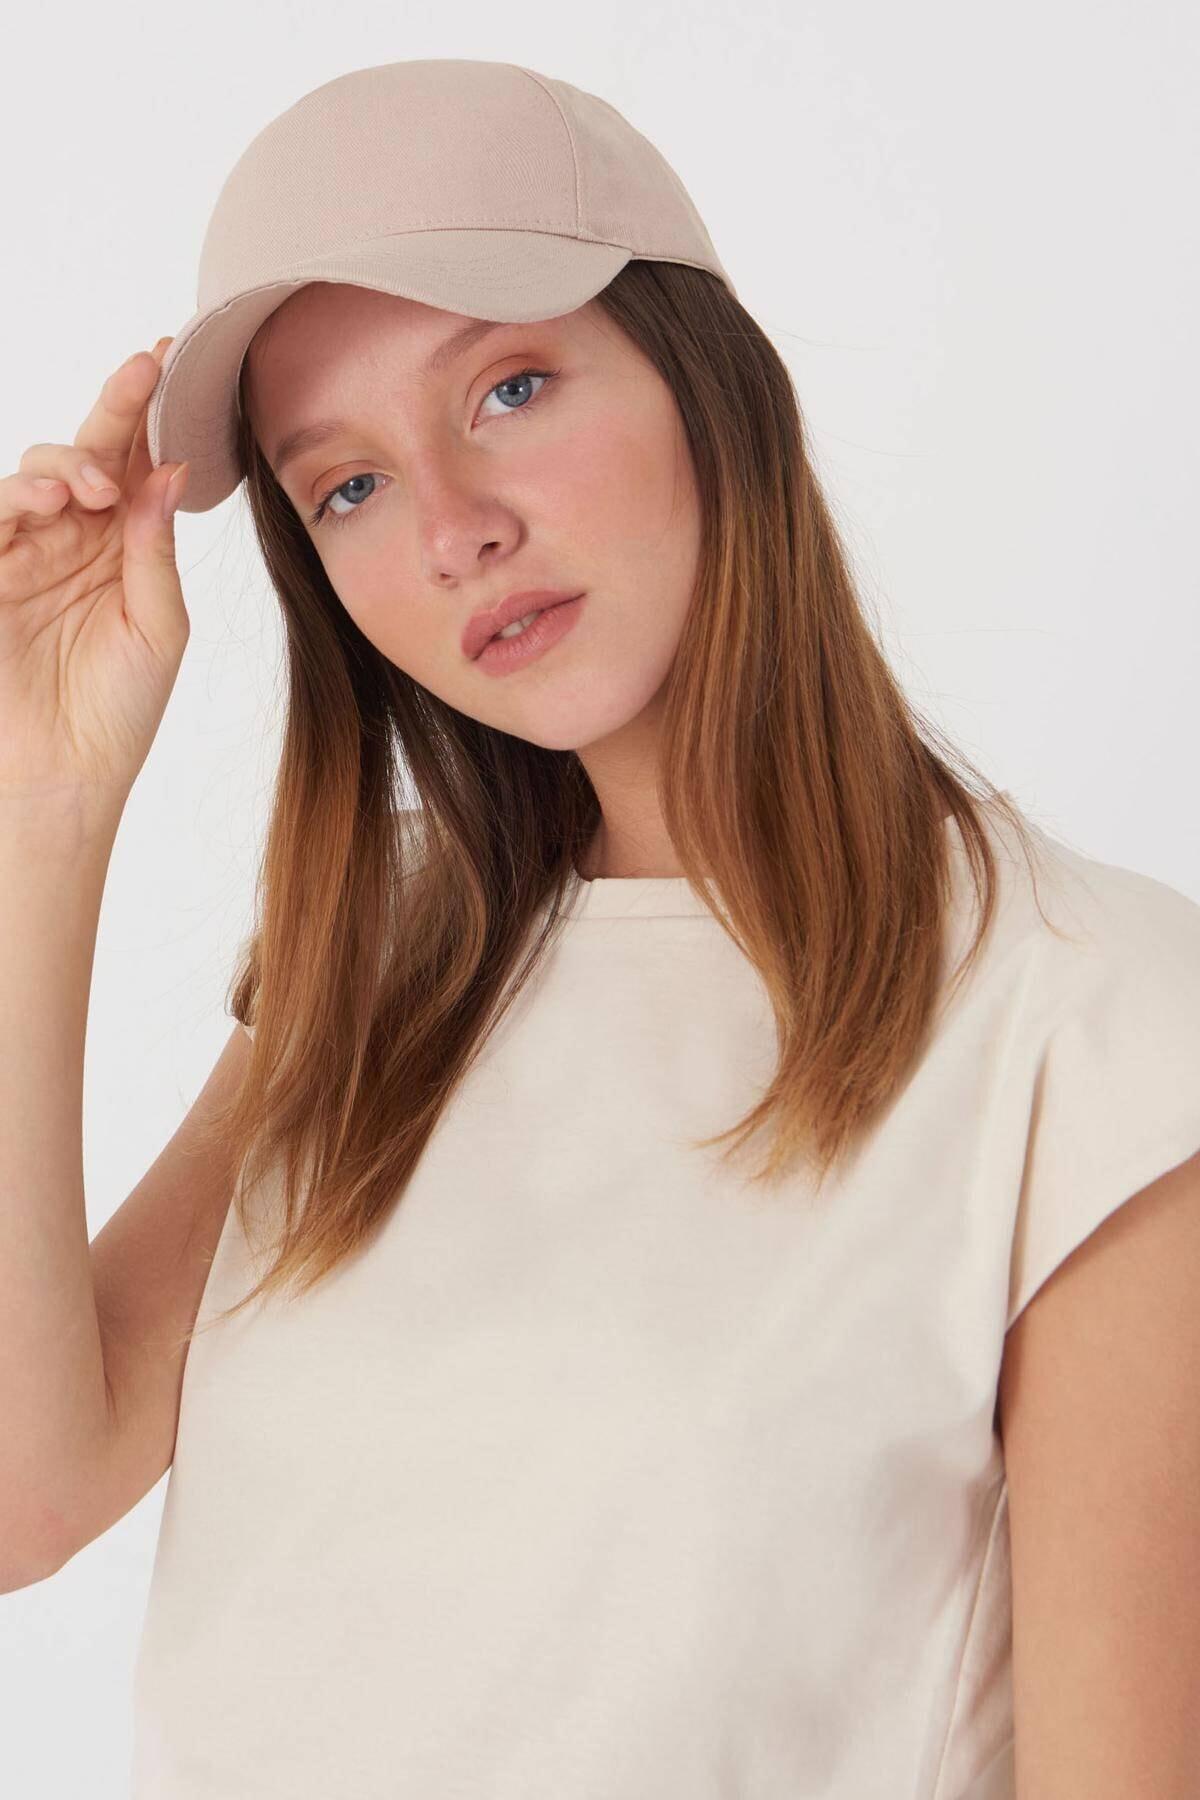 Addax Kadın Bej Unisex Şapka Şpk1007 - F1 Adx-0000022027 2